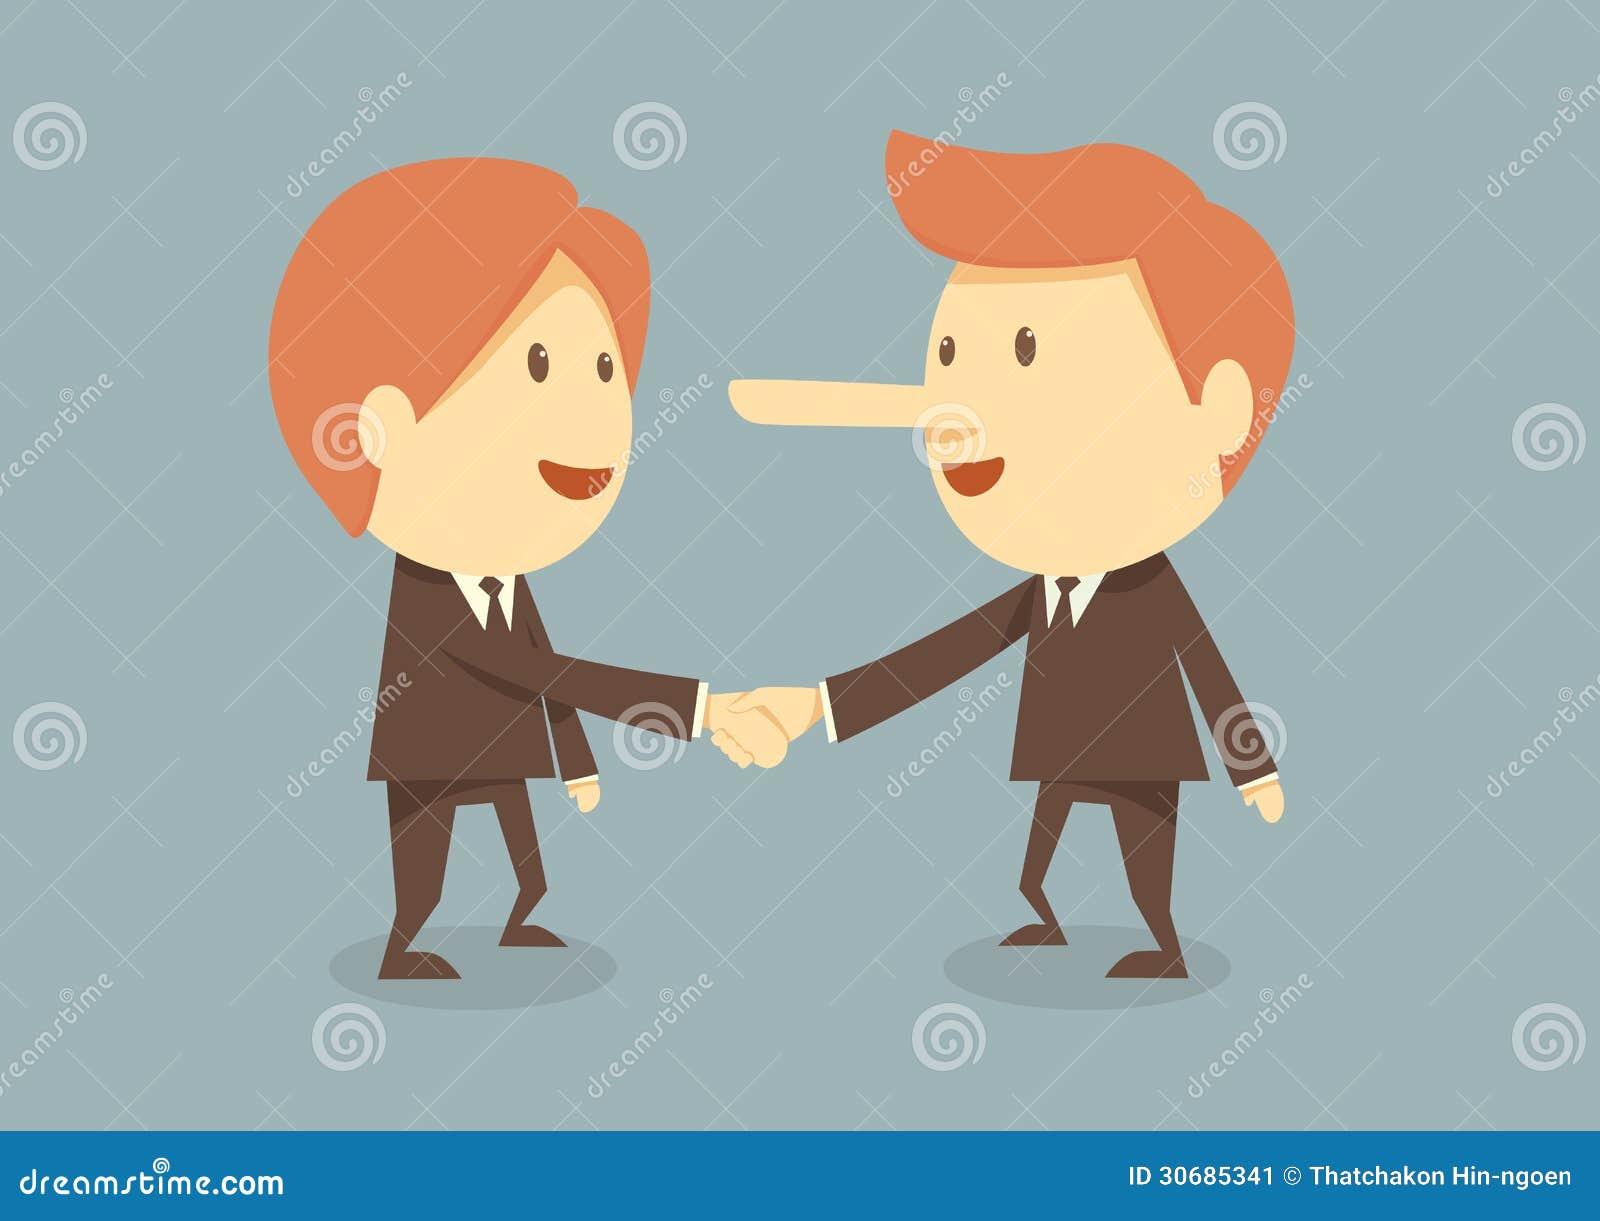 企业握手图片